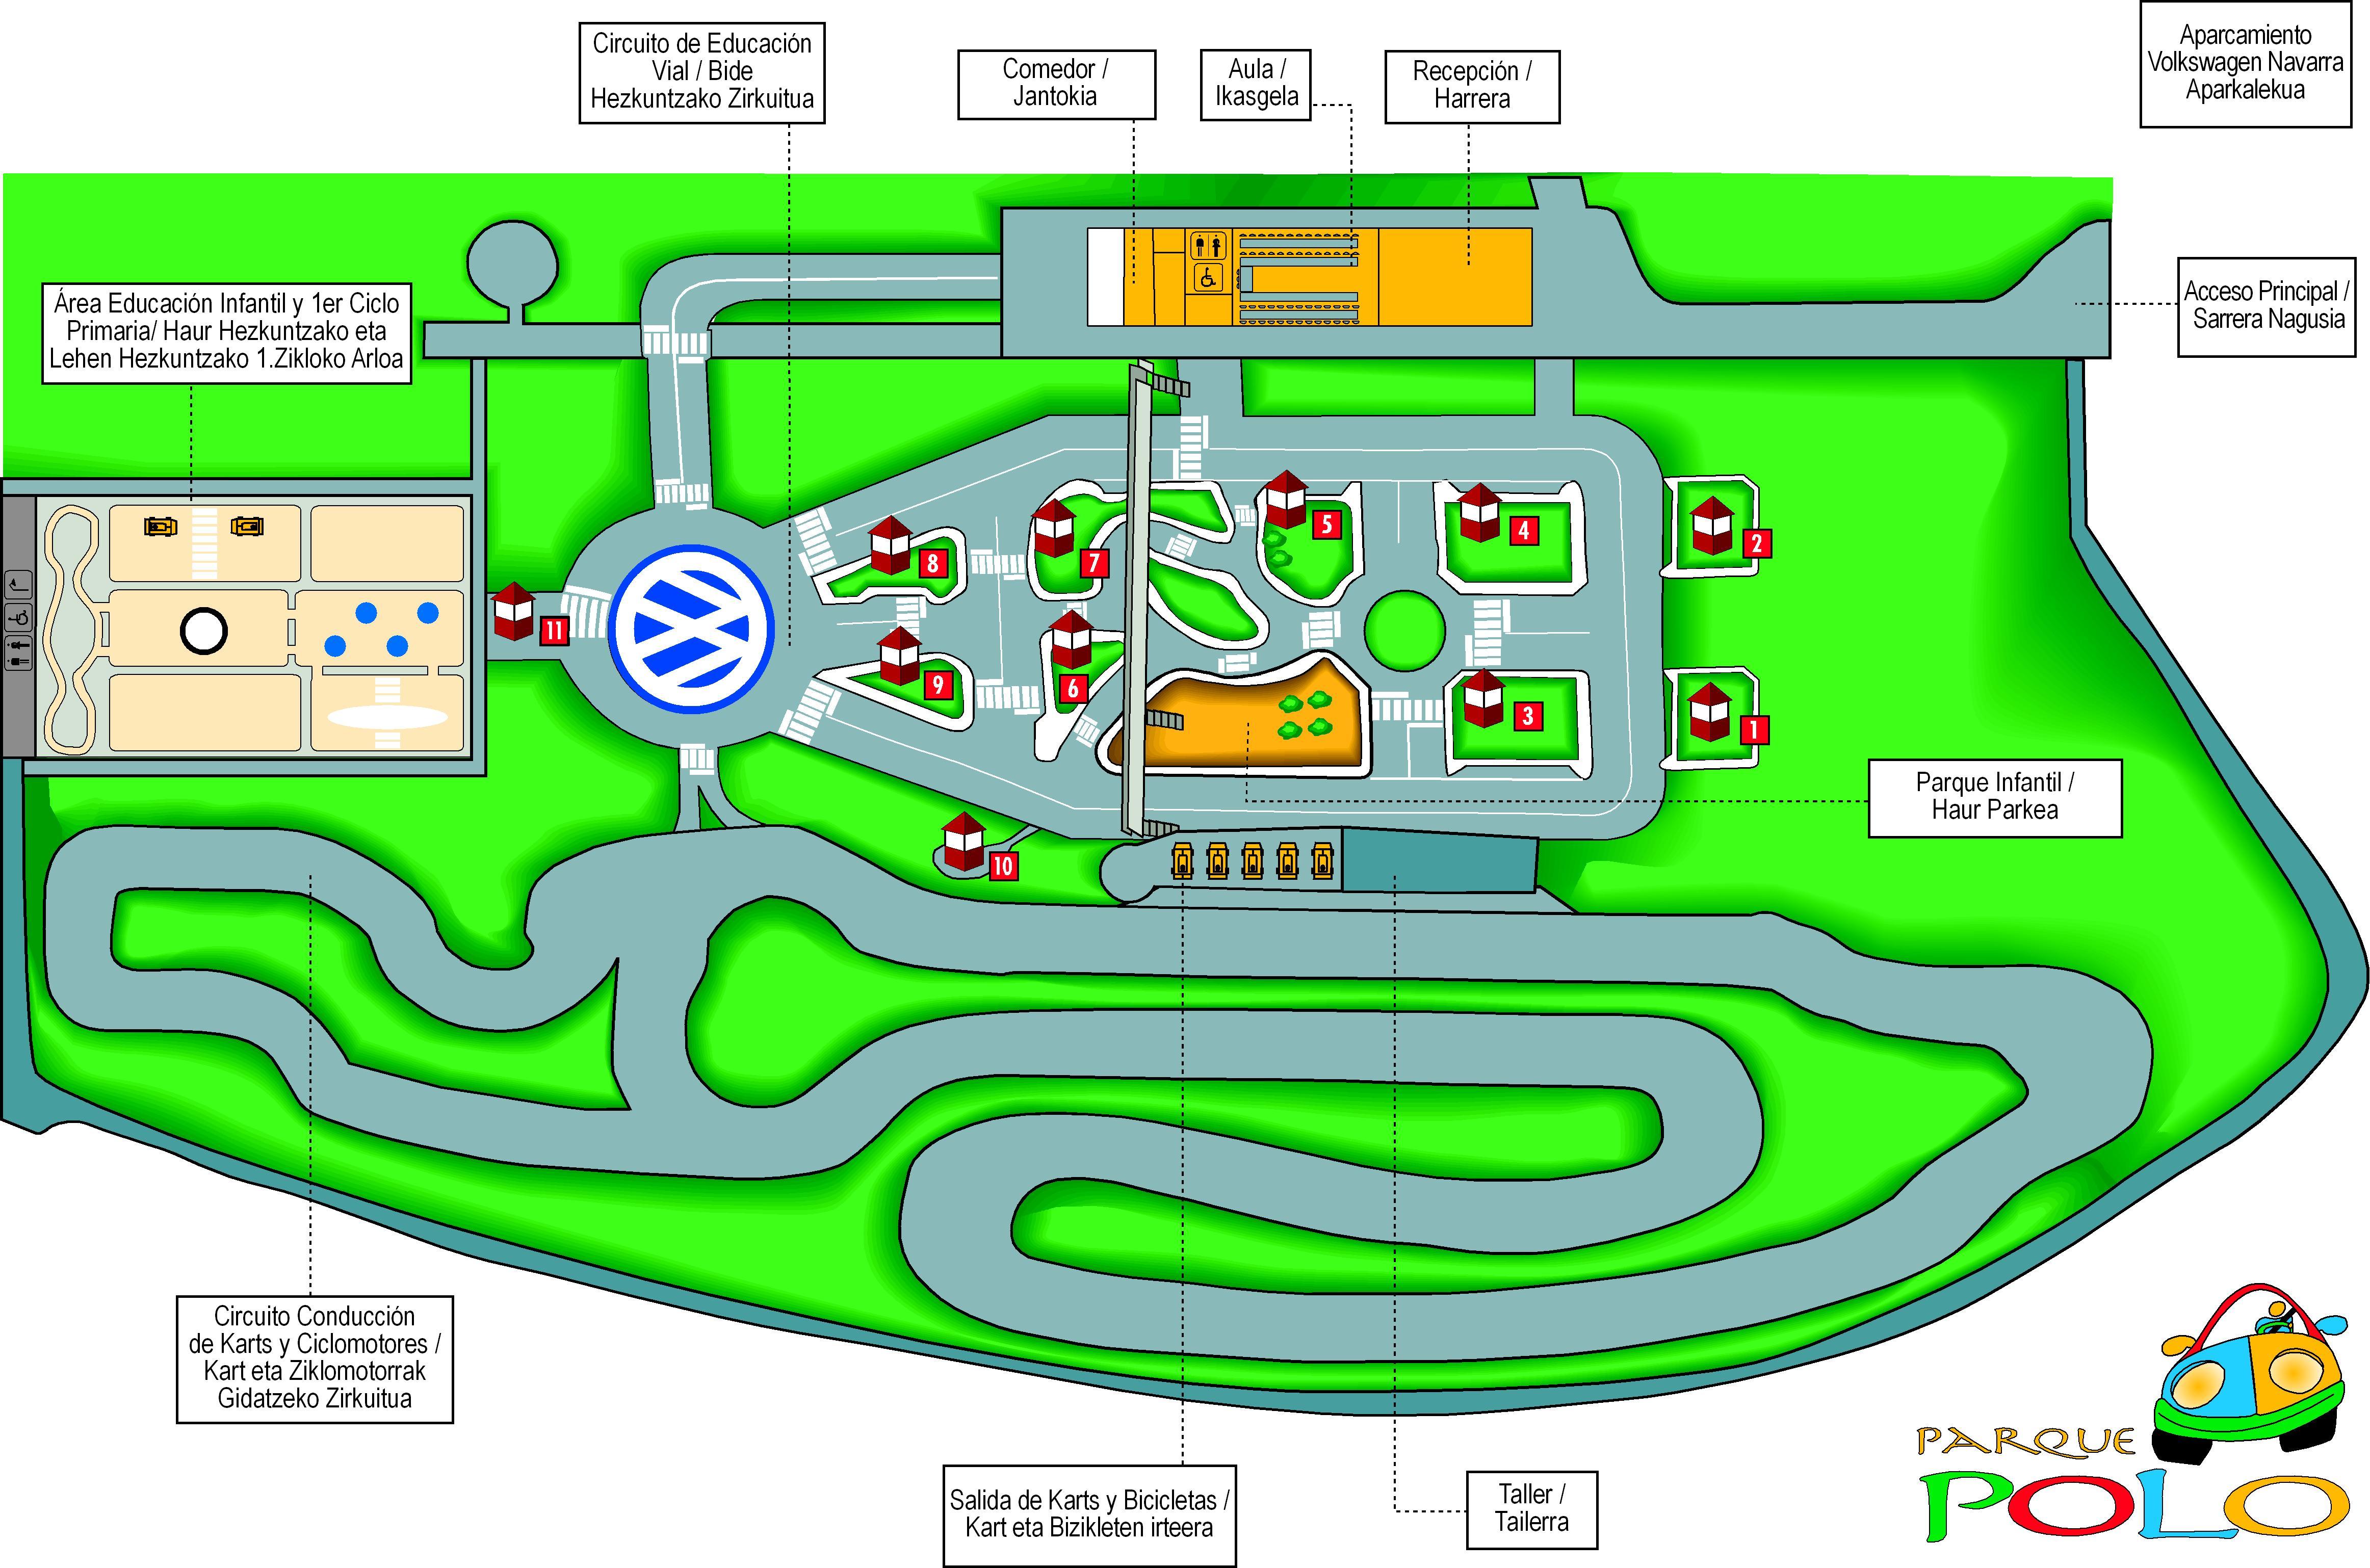 Circuito Navarra : Parque polo volkswagen navarra